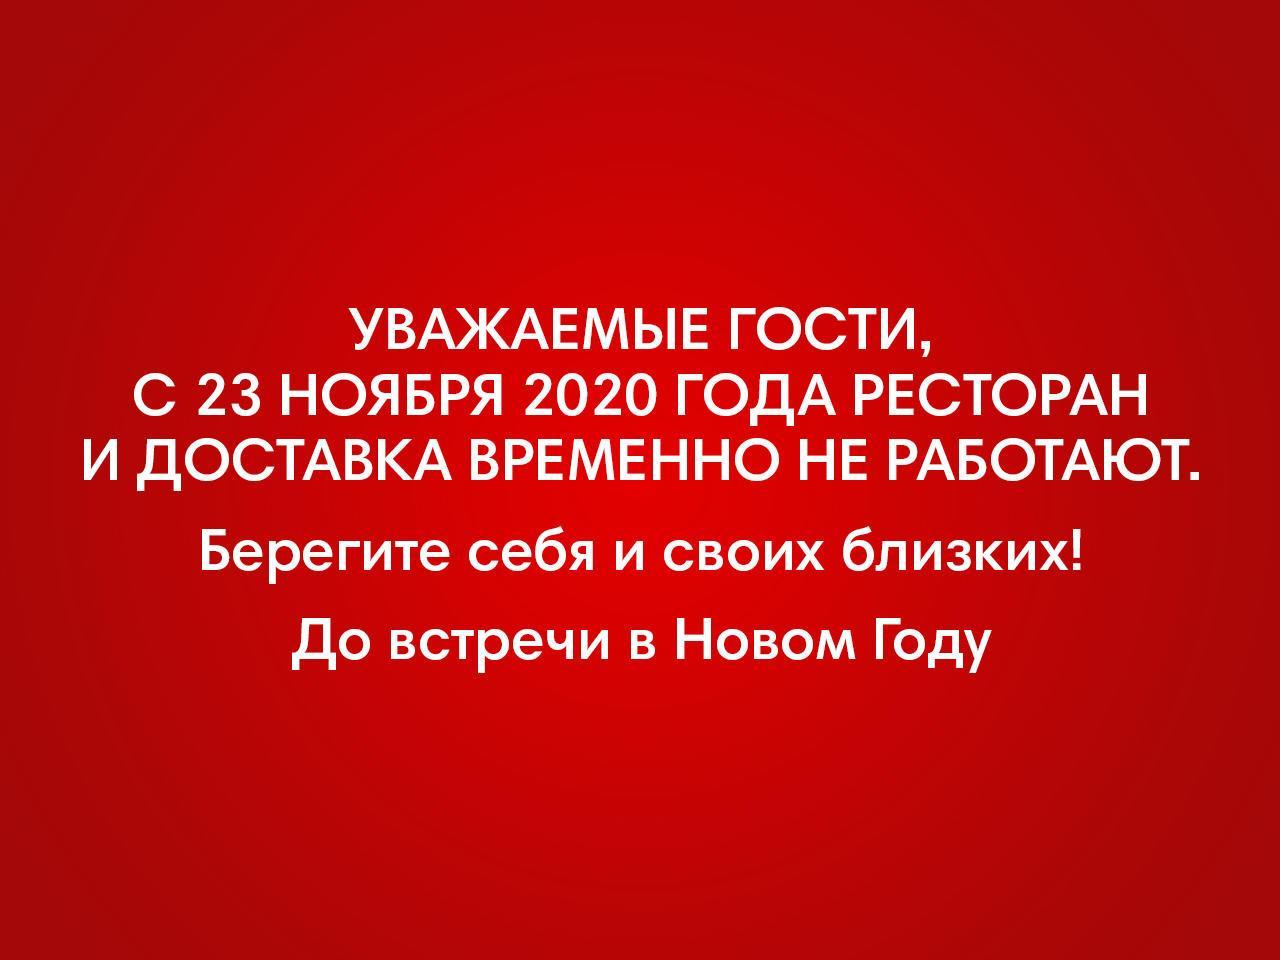 Ресторан Ч1 братьев Васильчуков в Санкт-Петербурге временно закрыт